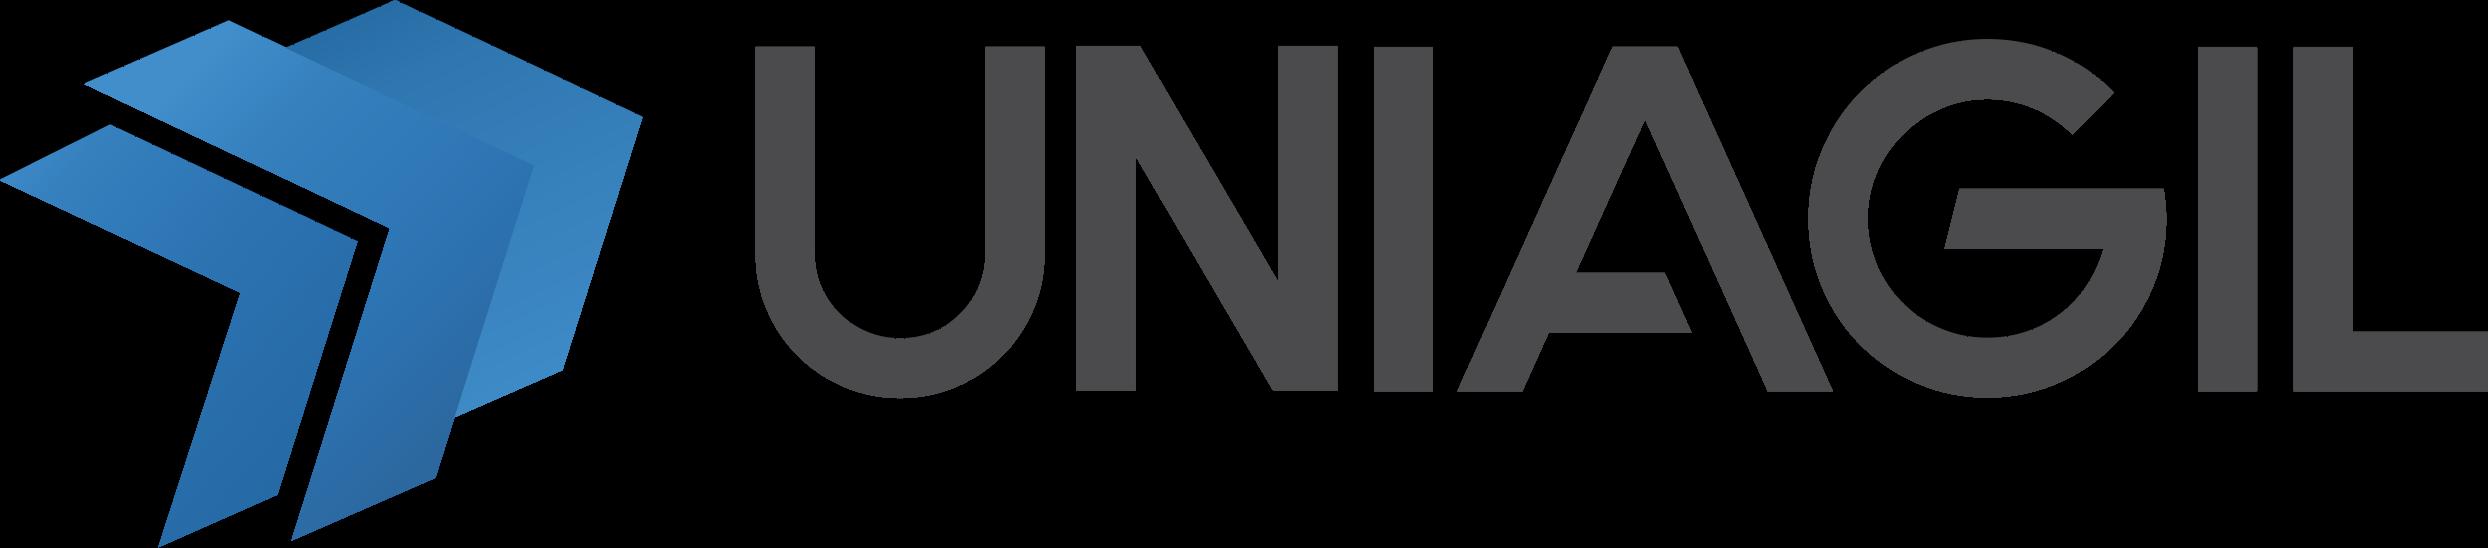 UNIAGIL